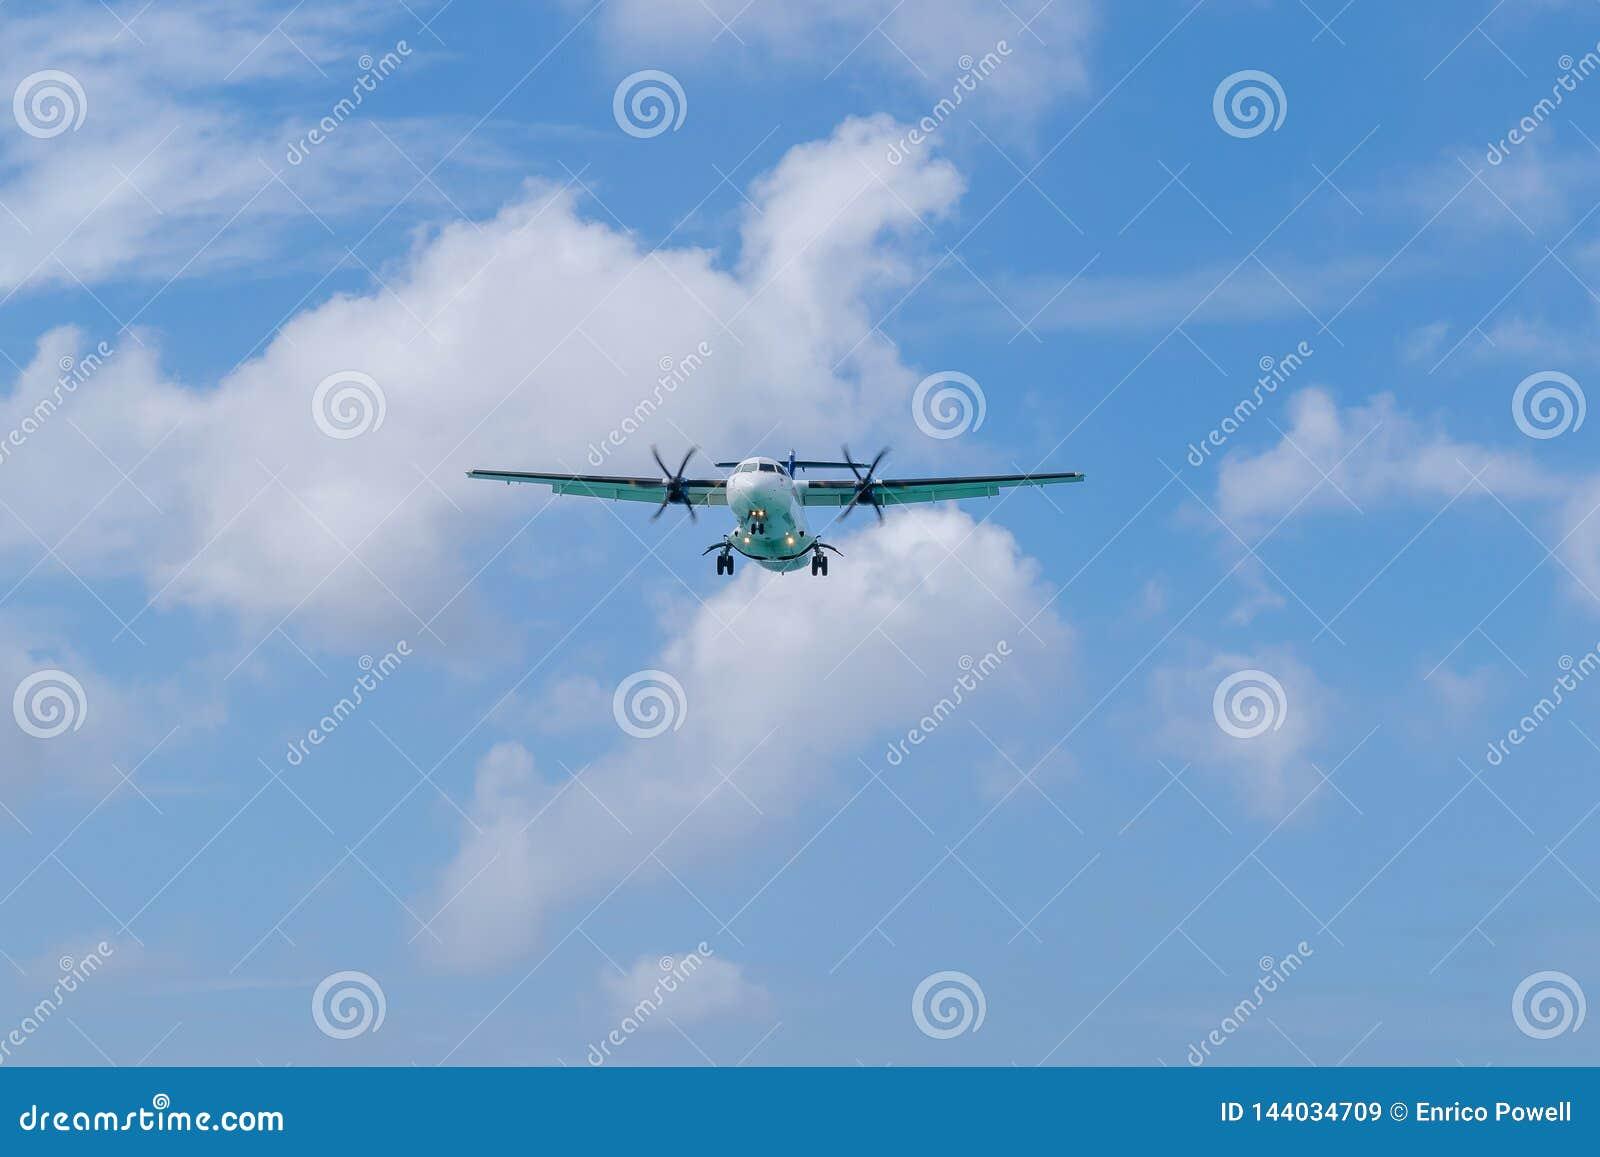 Turboprop-Triebwerk trieb Flugzeuge mit Rädern hinunter das Vorbereiten zu landen an